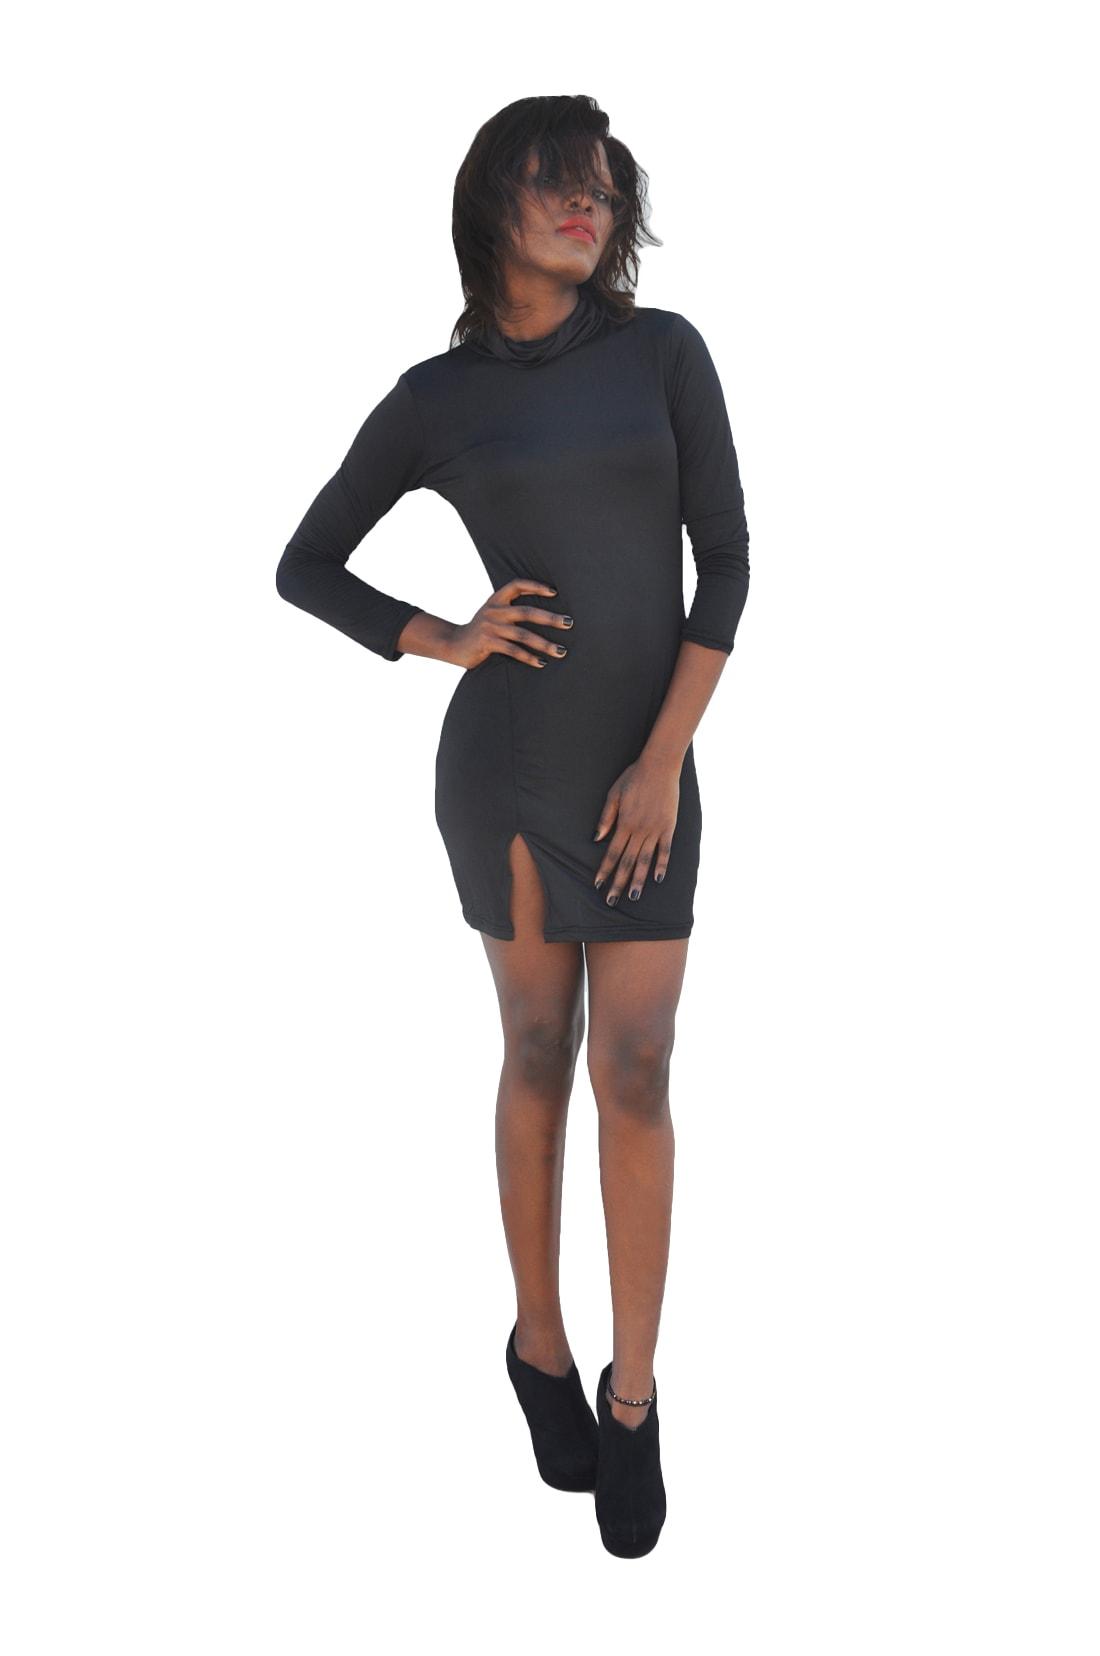 M0251 black1 Sleeveless Dresses maureens.com boutique